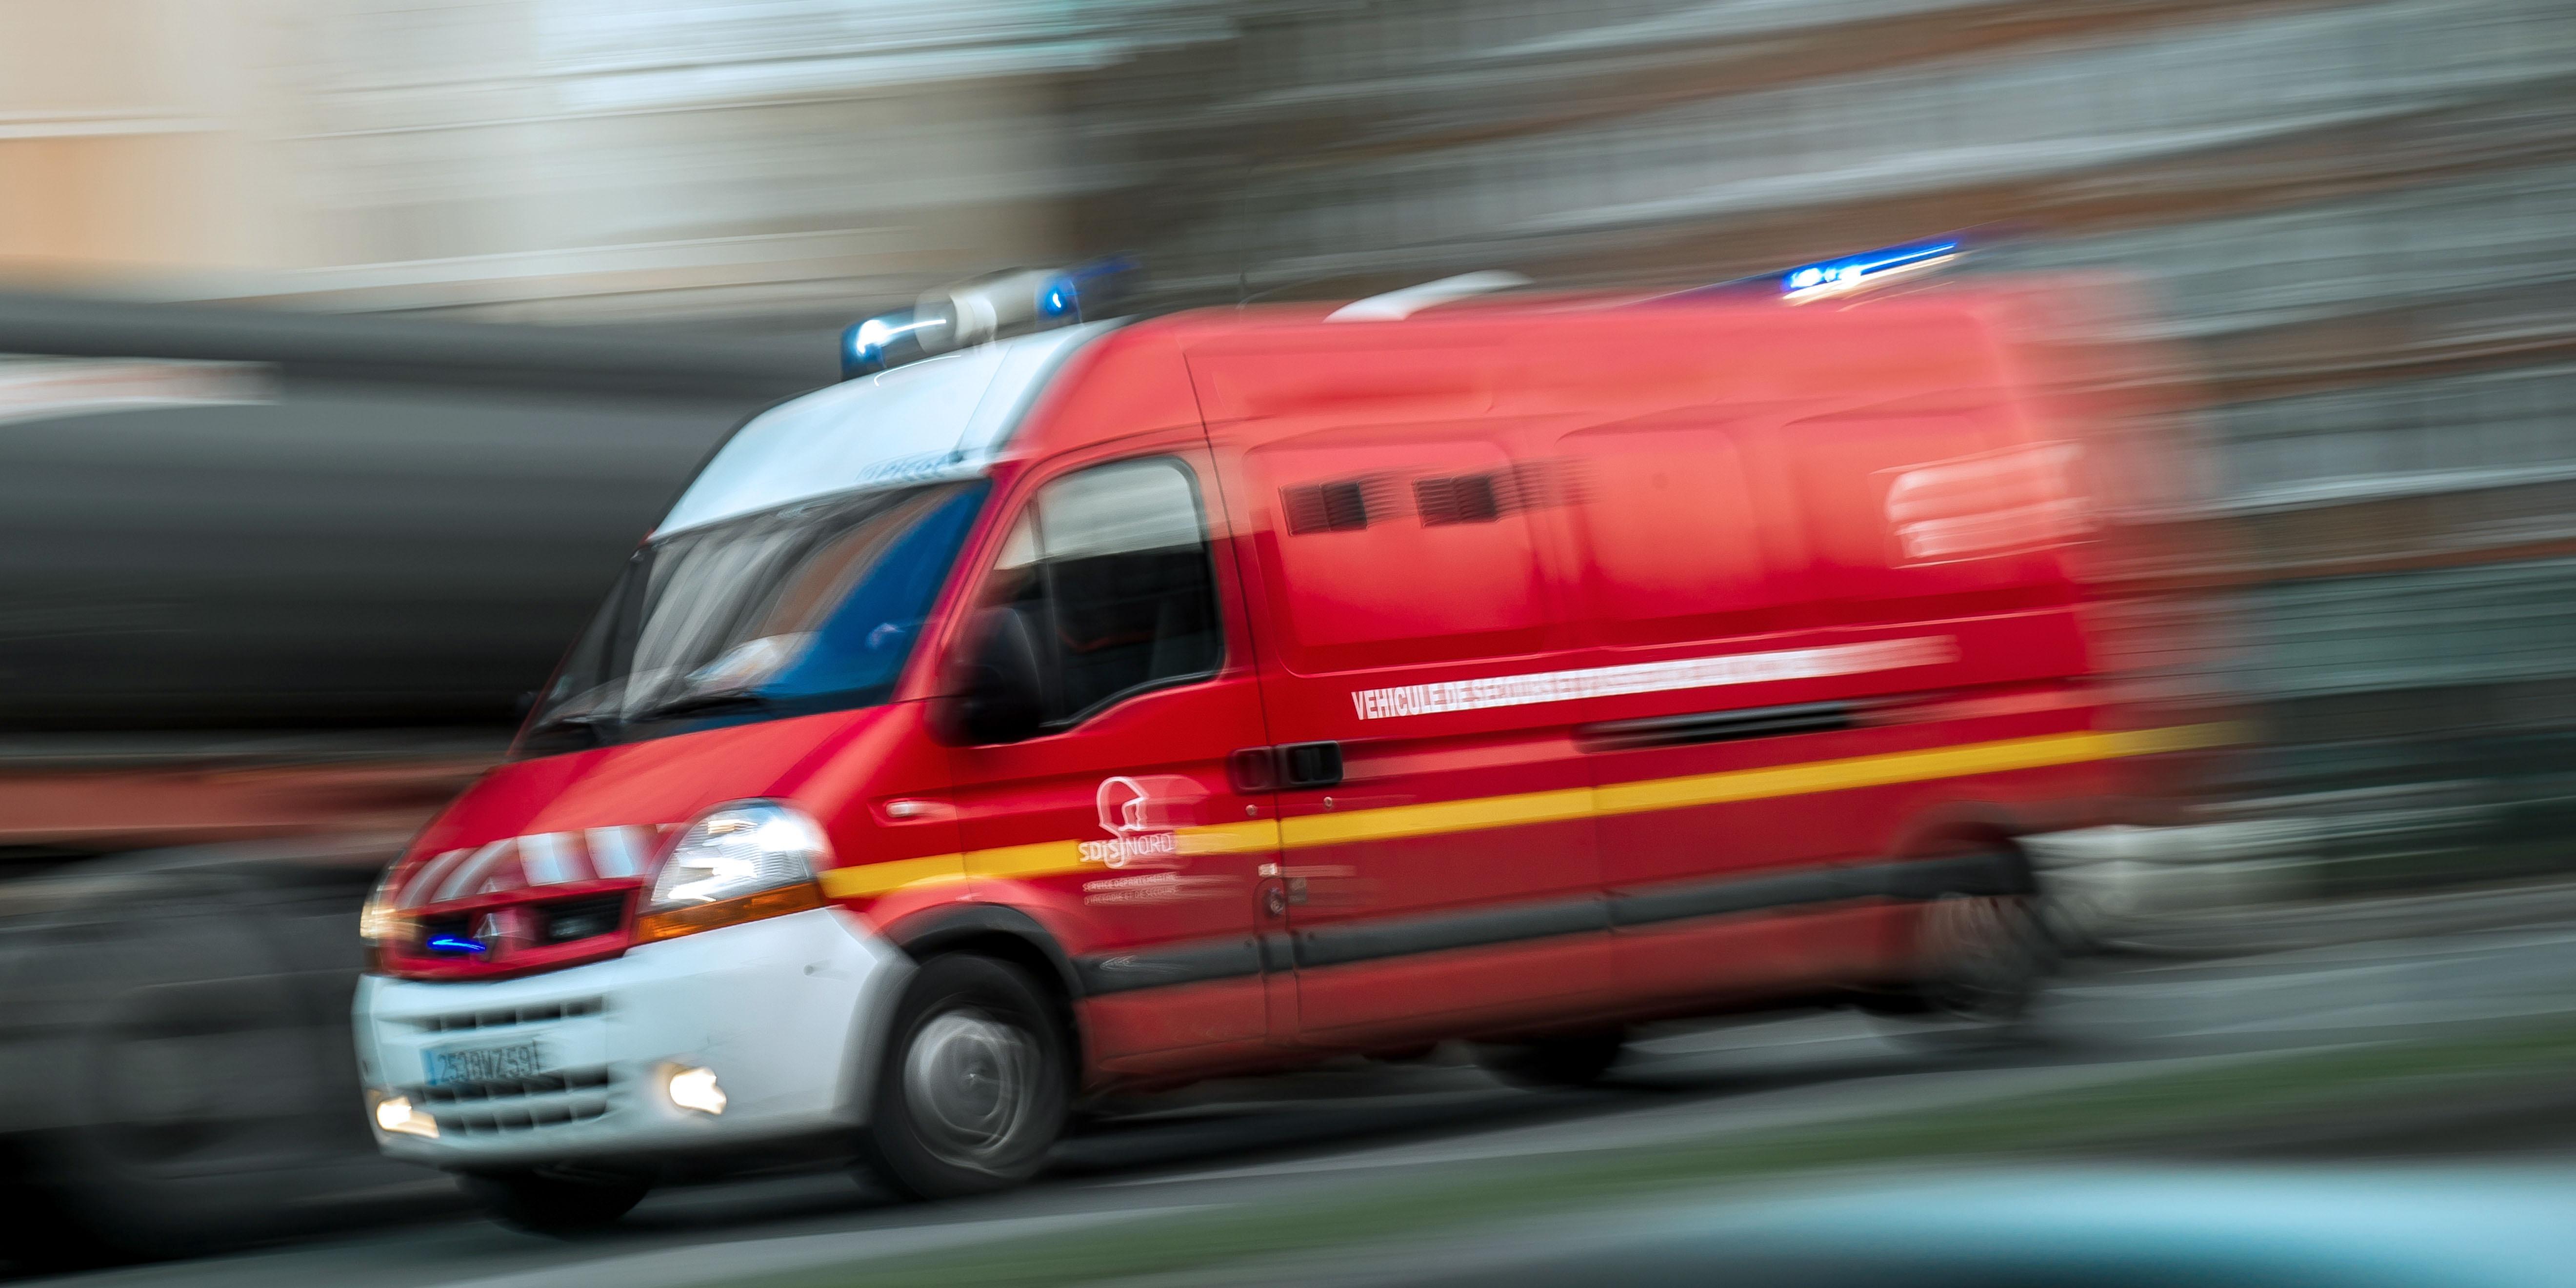 Bretagne : un bus scolaire se couche dans un fossé, 8 blessés légers